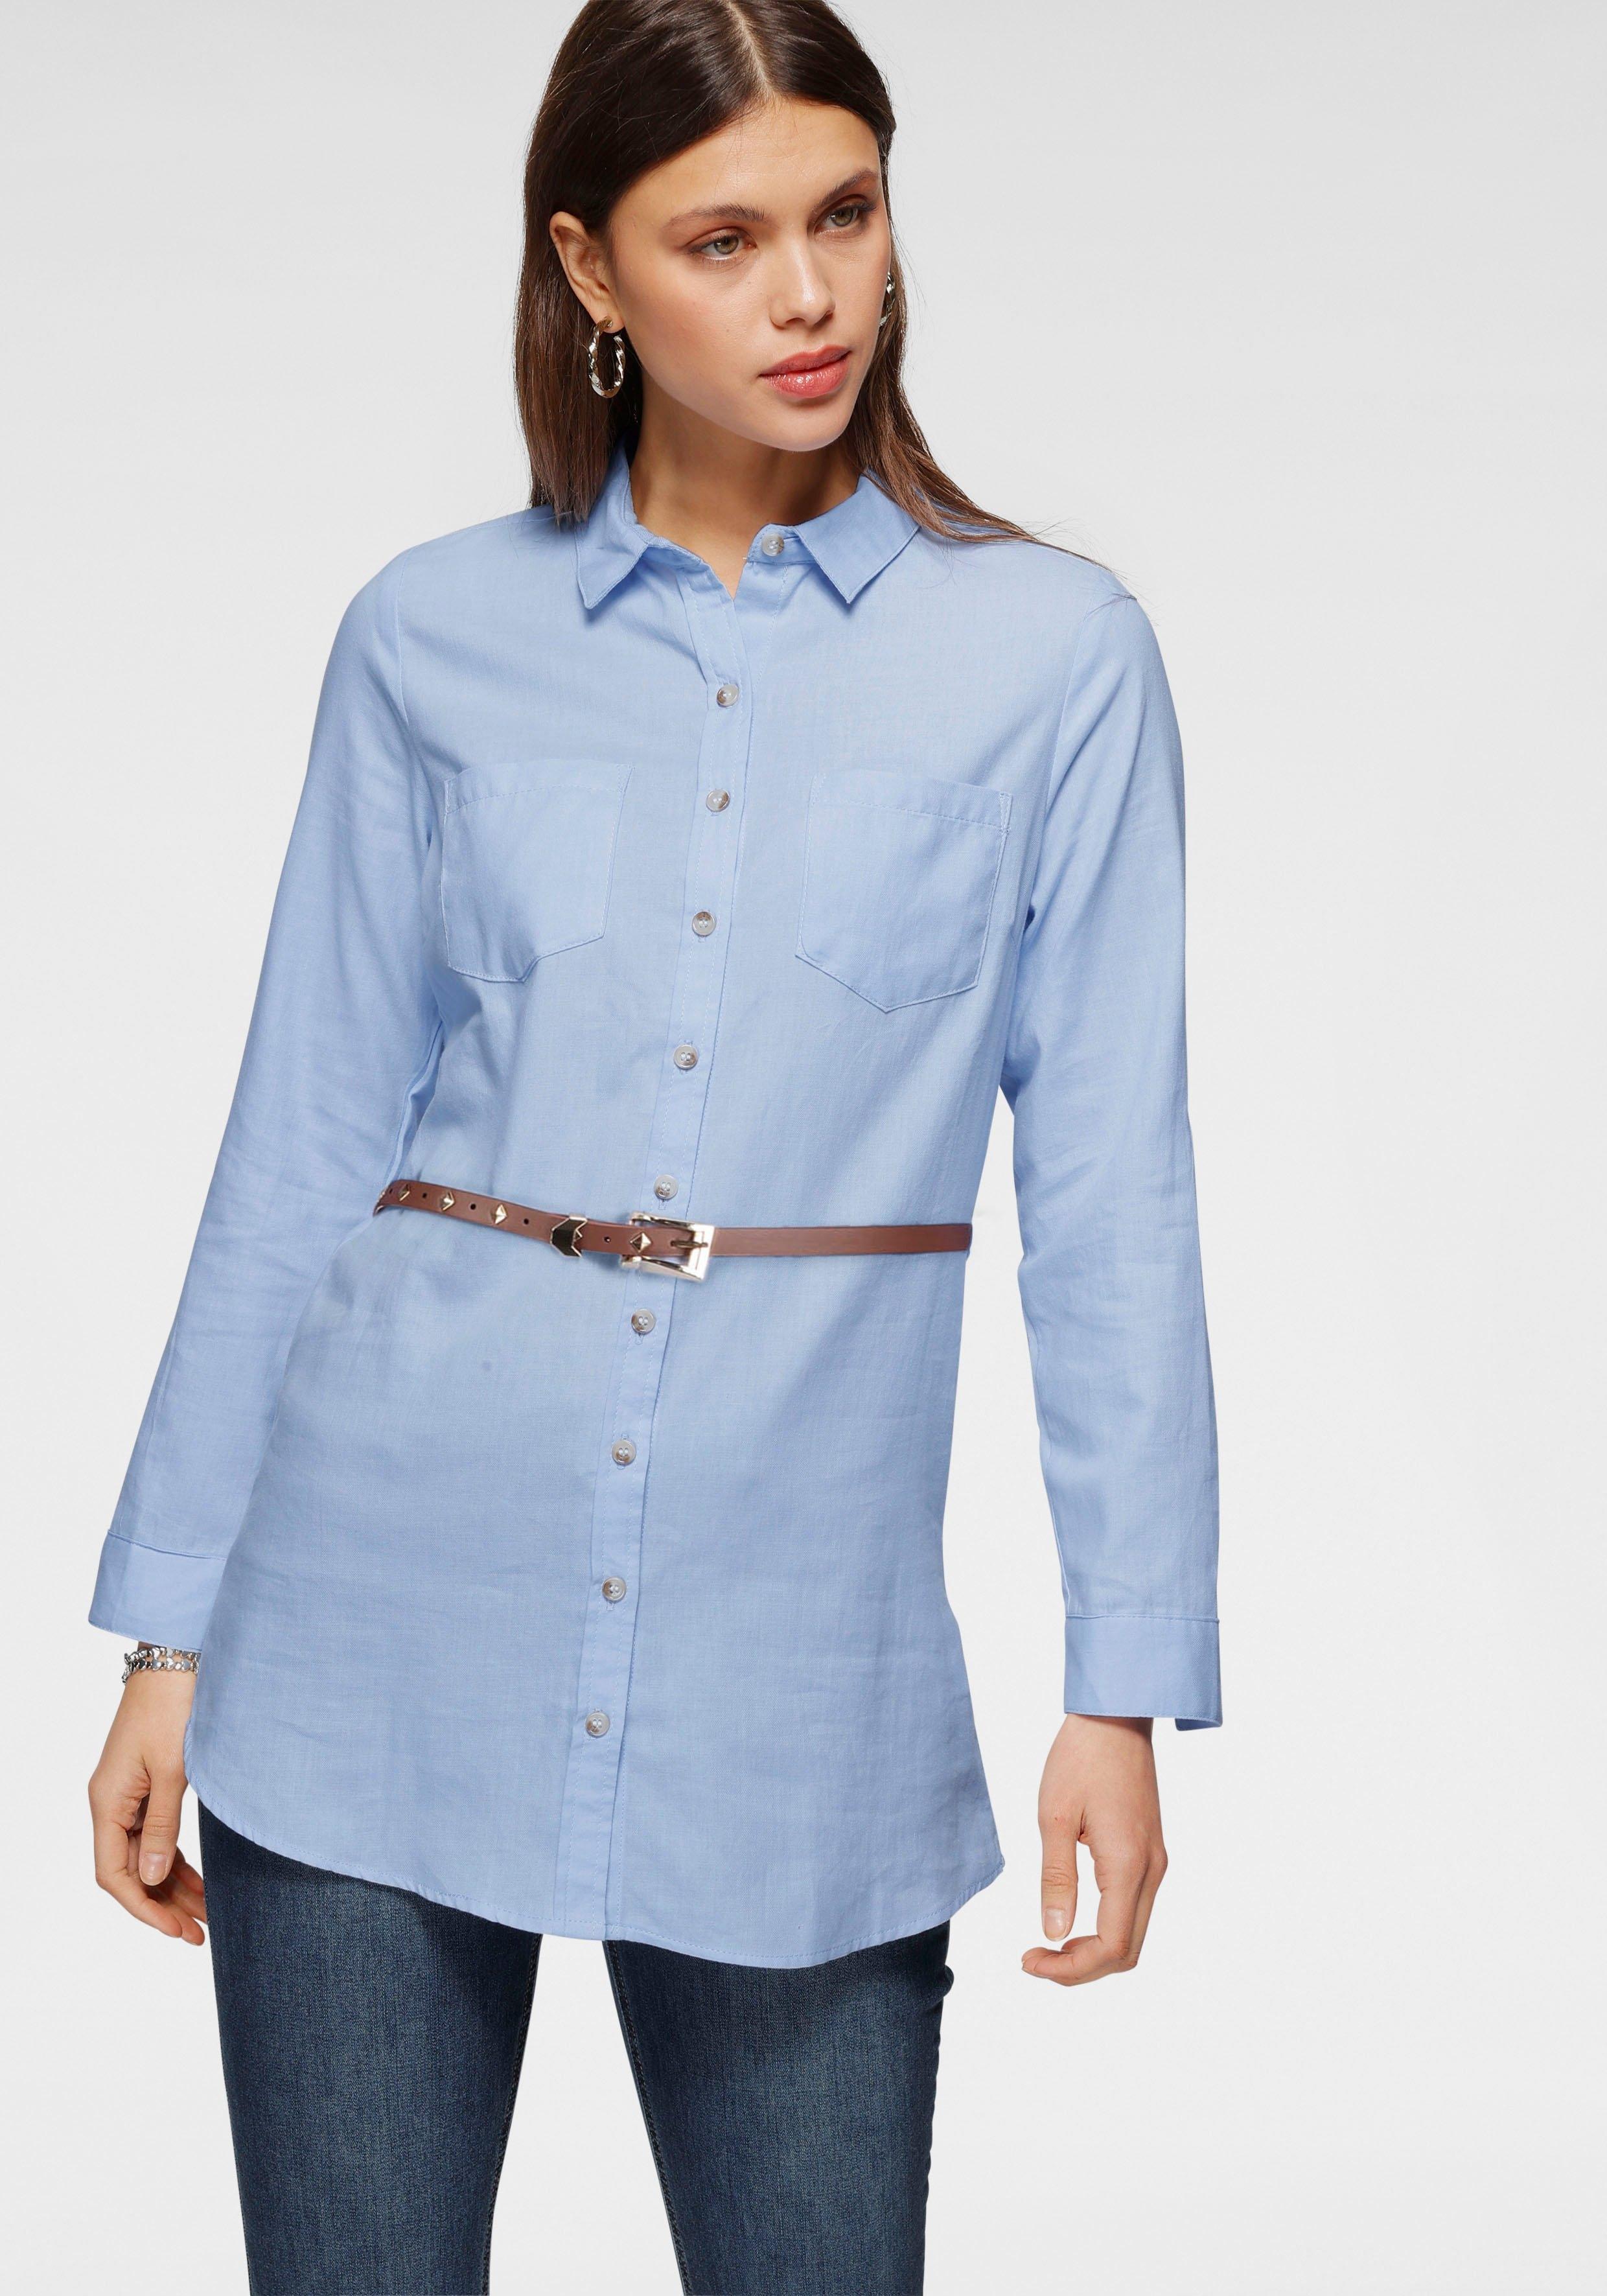 HaILYS lange blouse Larissa inclusief ceintuur nu online bestellen